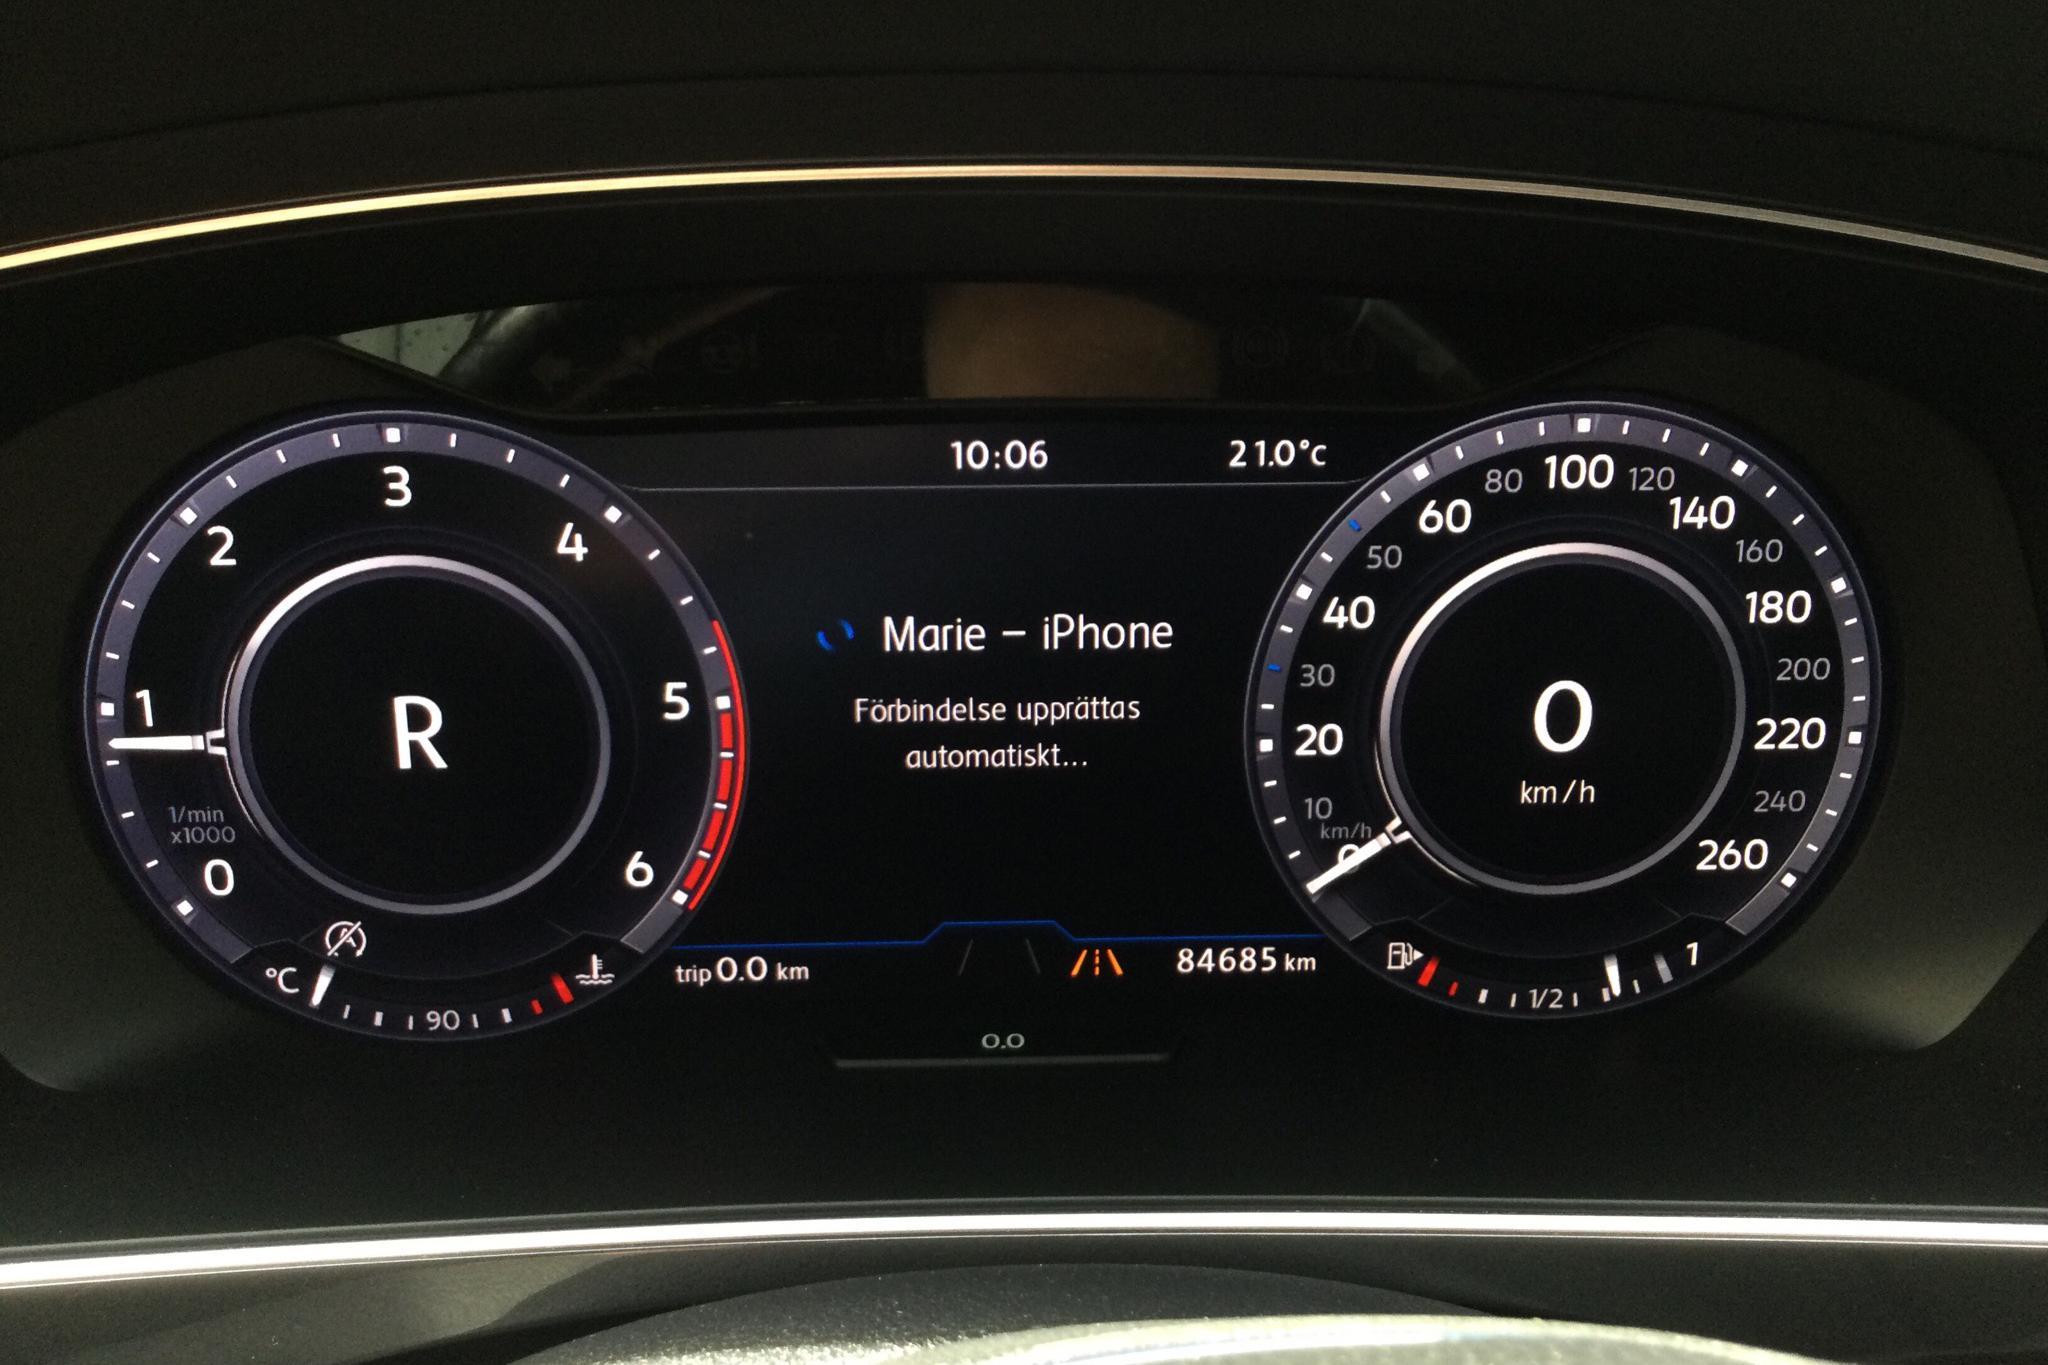 VW Tiguan 2.0 TDI 4MOTION (190hk) - 84 680 km - Automatic - white - 2017